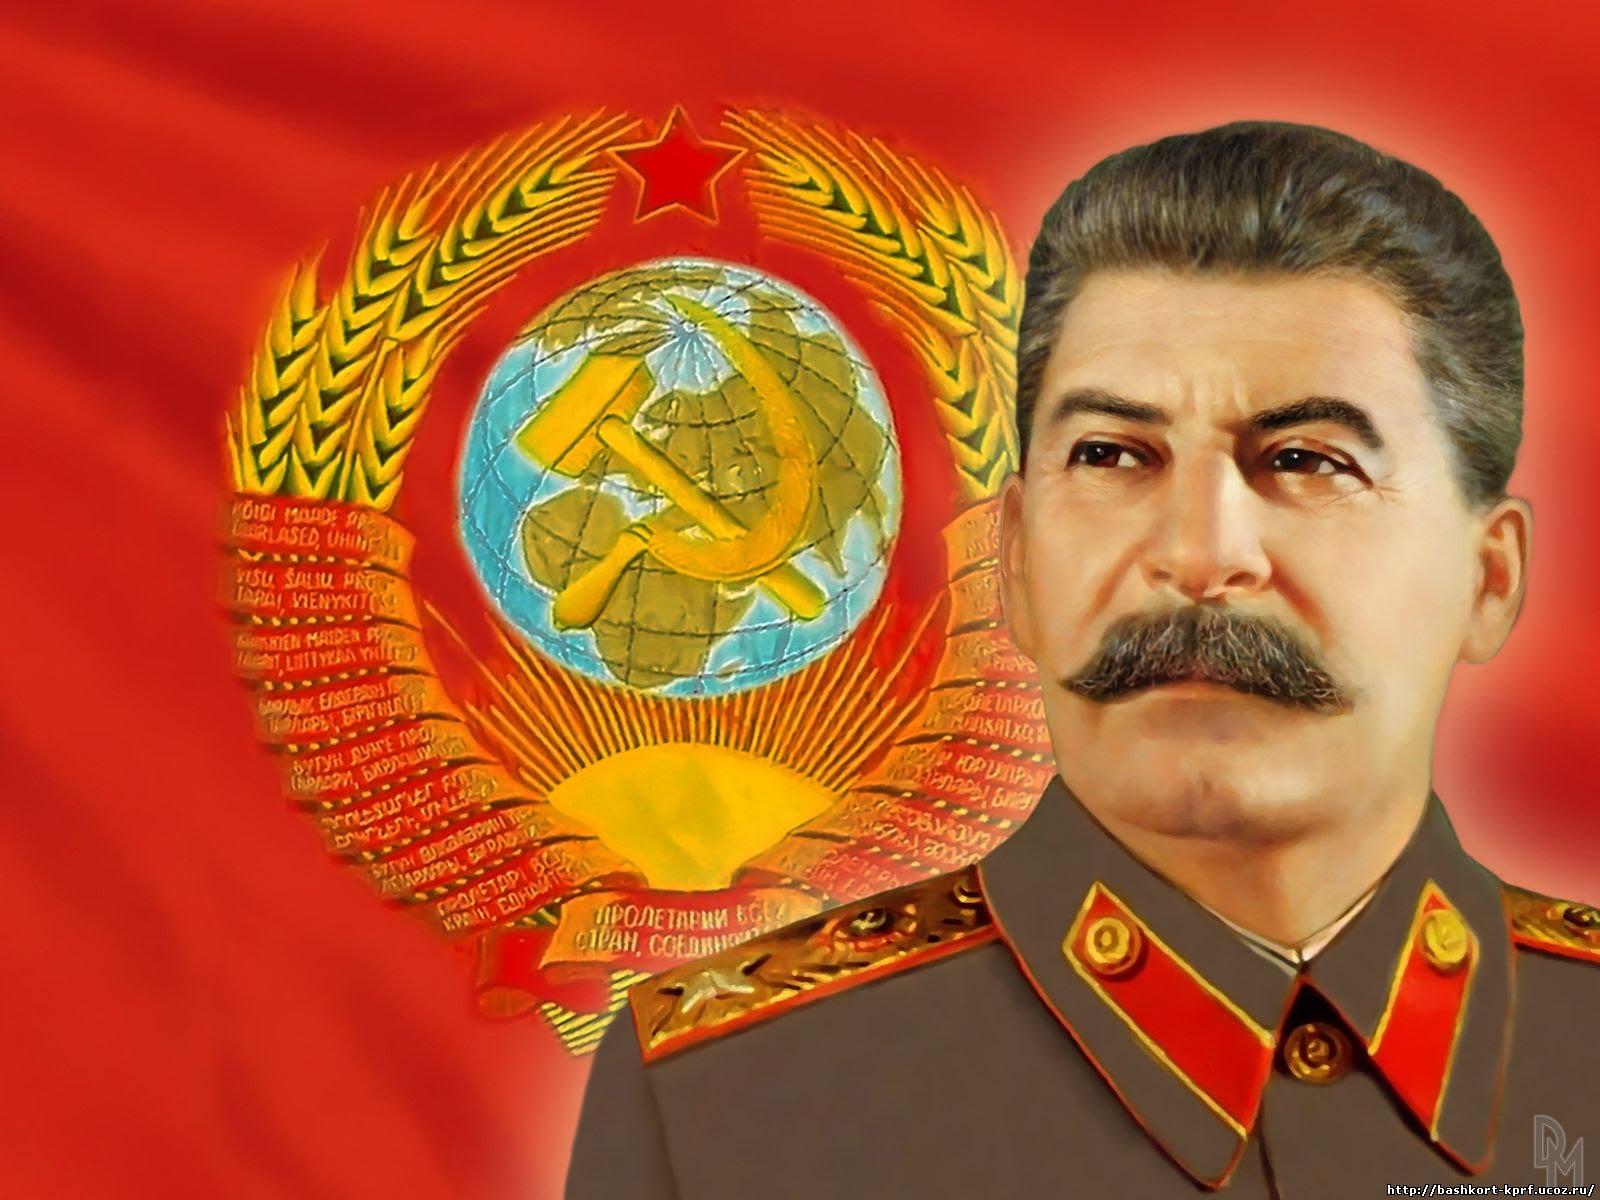 18-dekabrya-den-rozhdeniya-iv-stalina-11